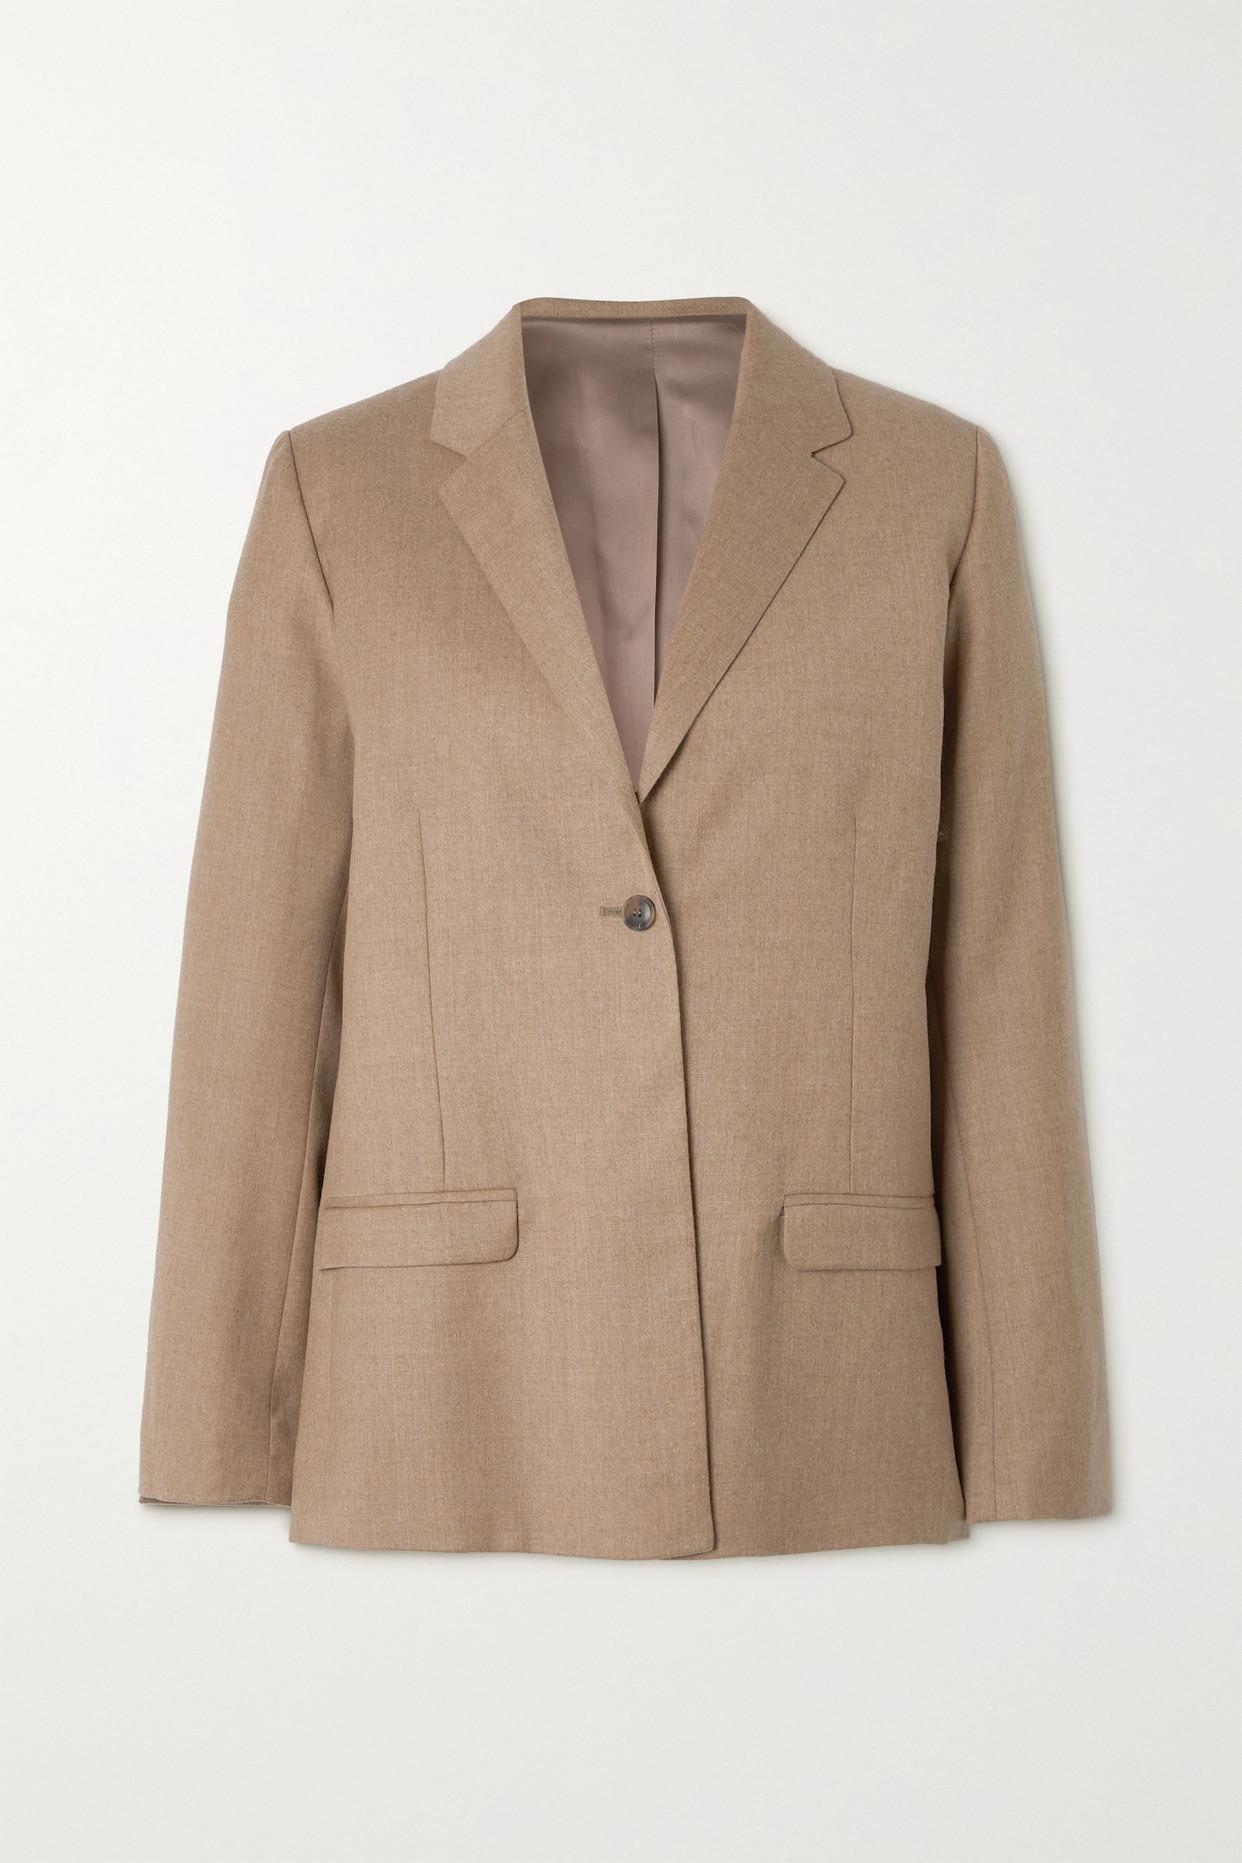 TOTÊME - 羊毛混纺法兰绒西装外套 - 中性色 - FR42